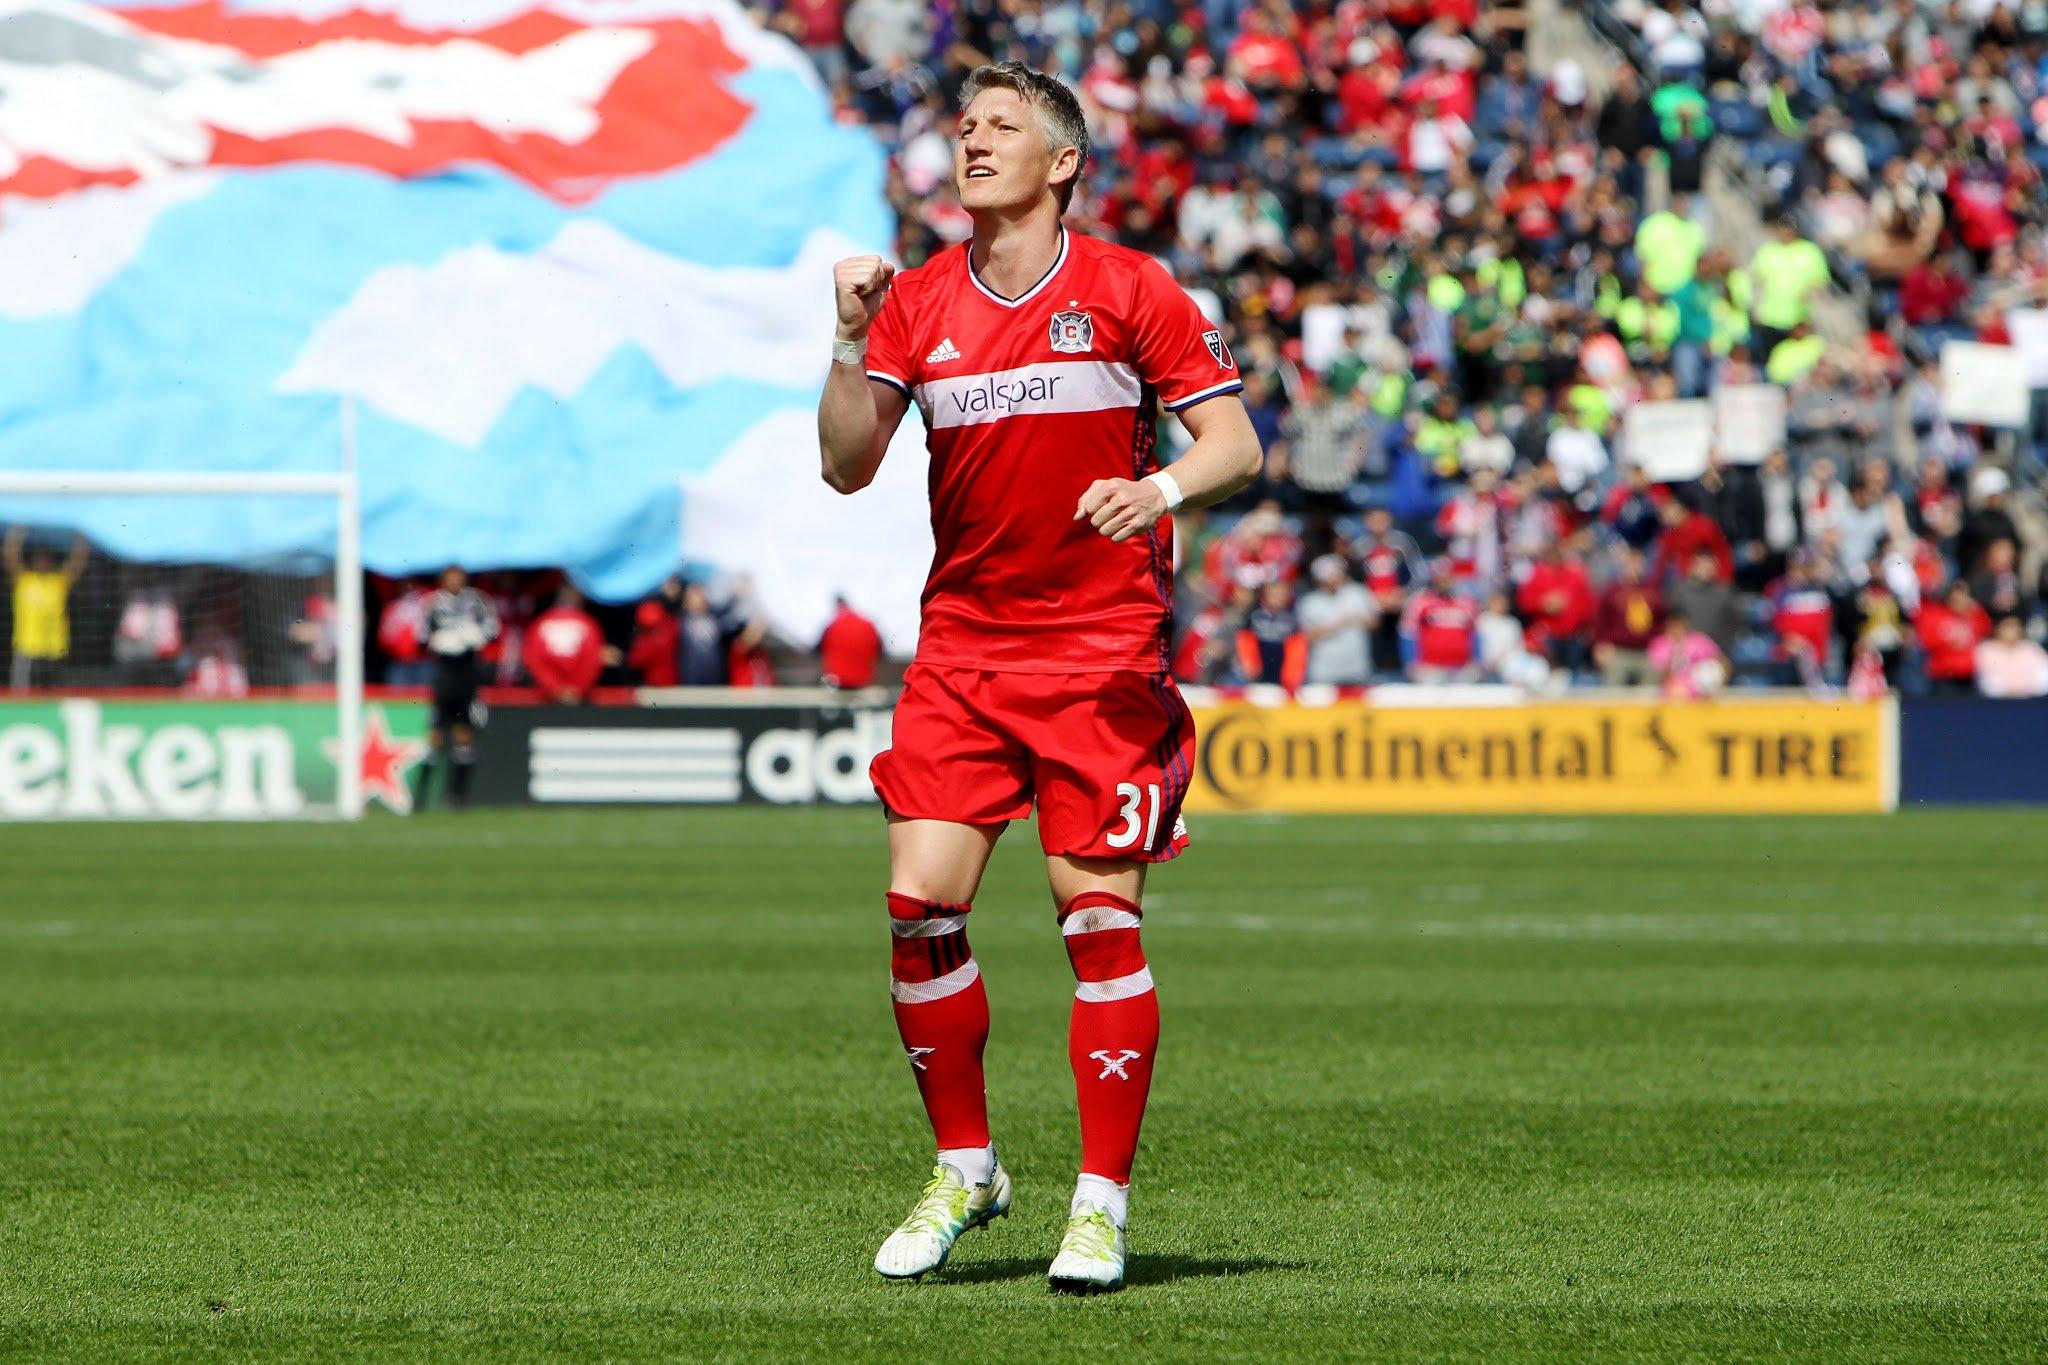 Happy 33rd birthday to team captain Bastian Schweinsteiger!